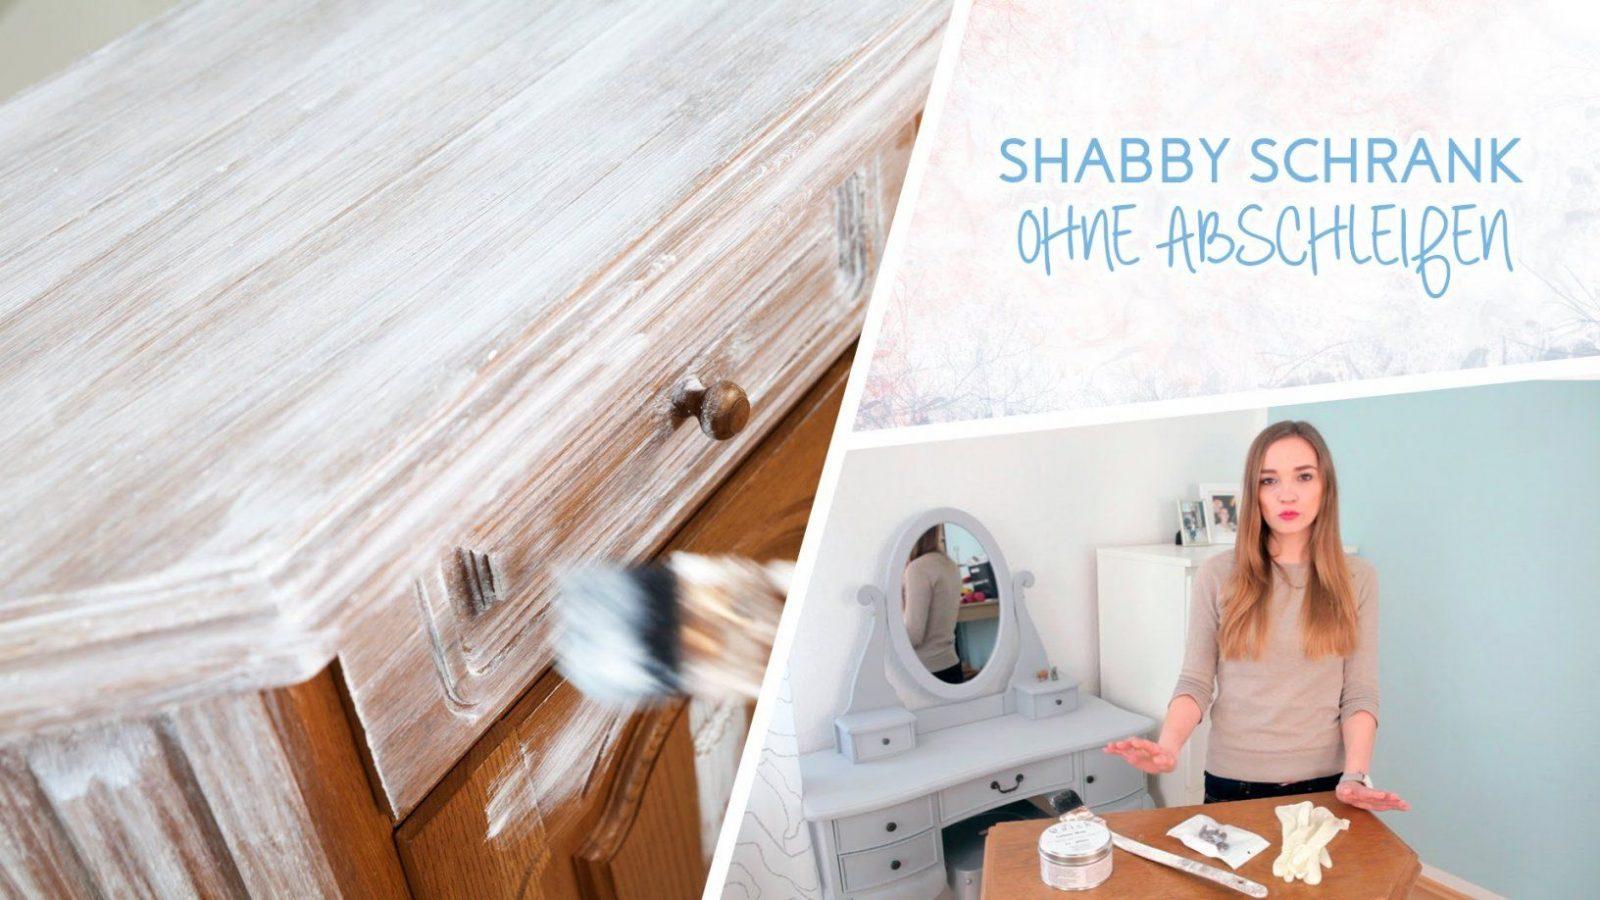 How To Schrank Im Shabby Chic Stil Streichen Ohne Abscheifen  Youtube von Vertäfelung Streichen Ohne Schleifen Bild